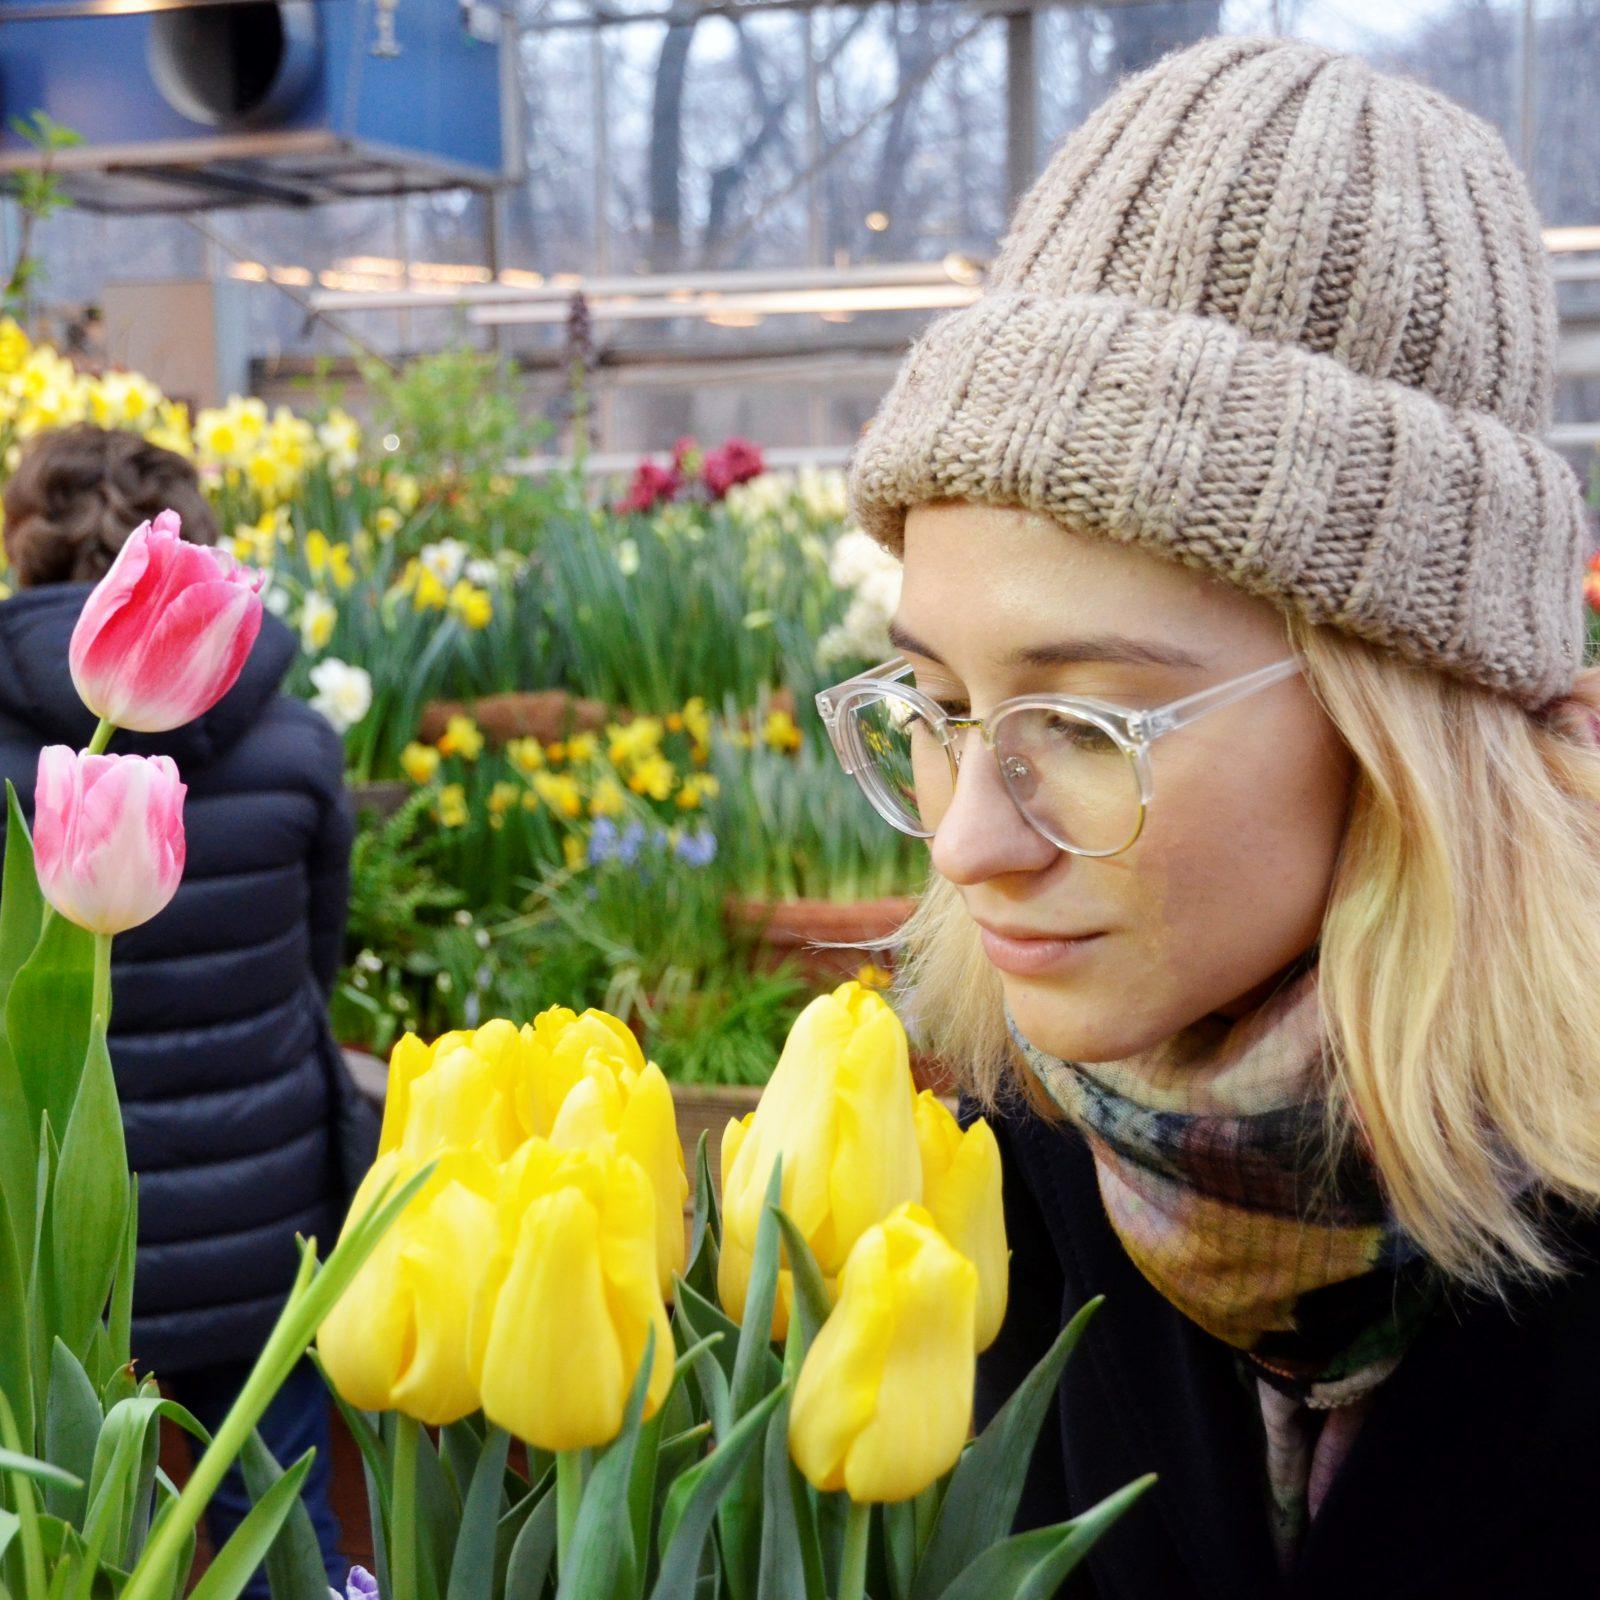 Корреспондент «Москва.Центр» пытается научиться различать сладкие, свежие и другие оттенки запахов тюльпанов. Фото: Анна Быкова